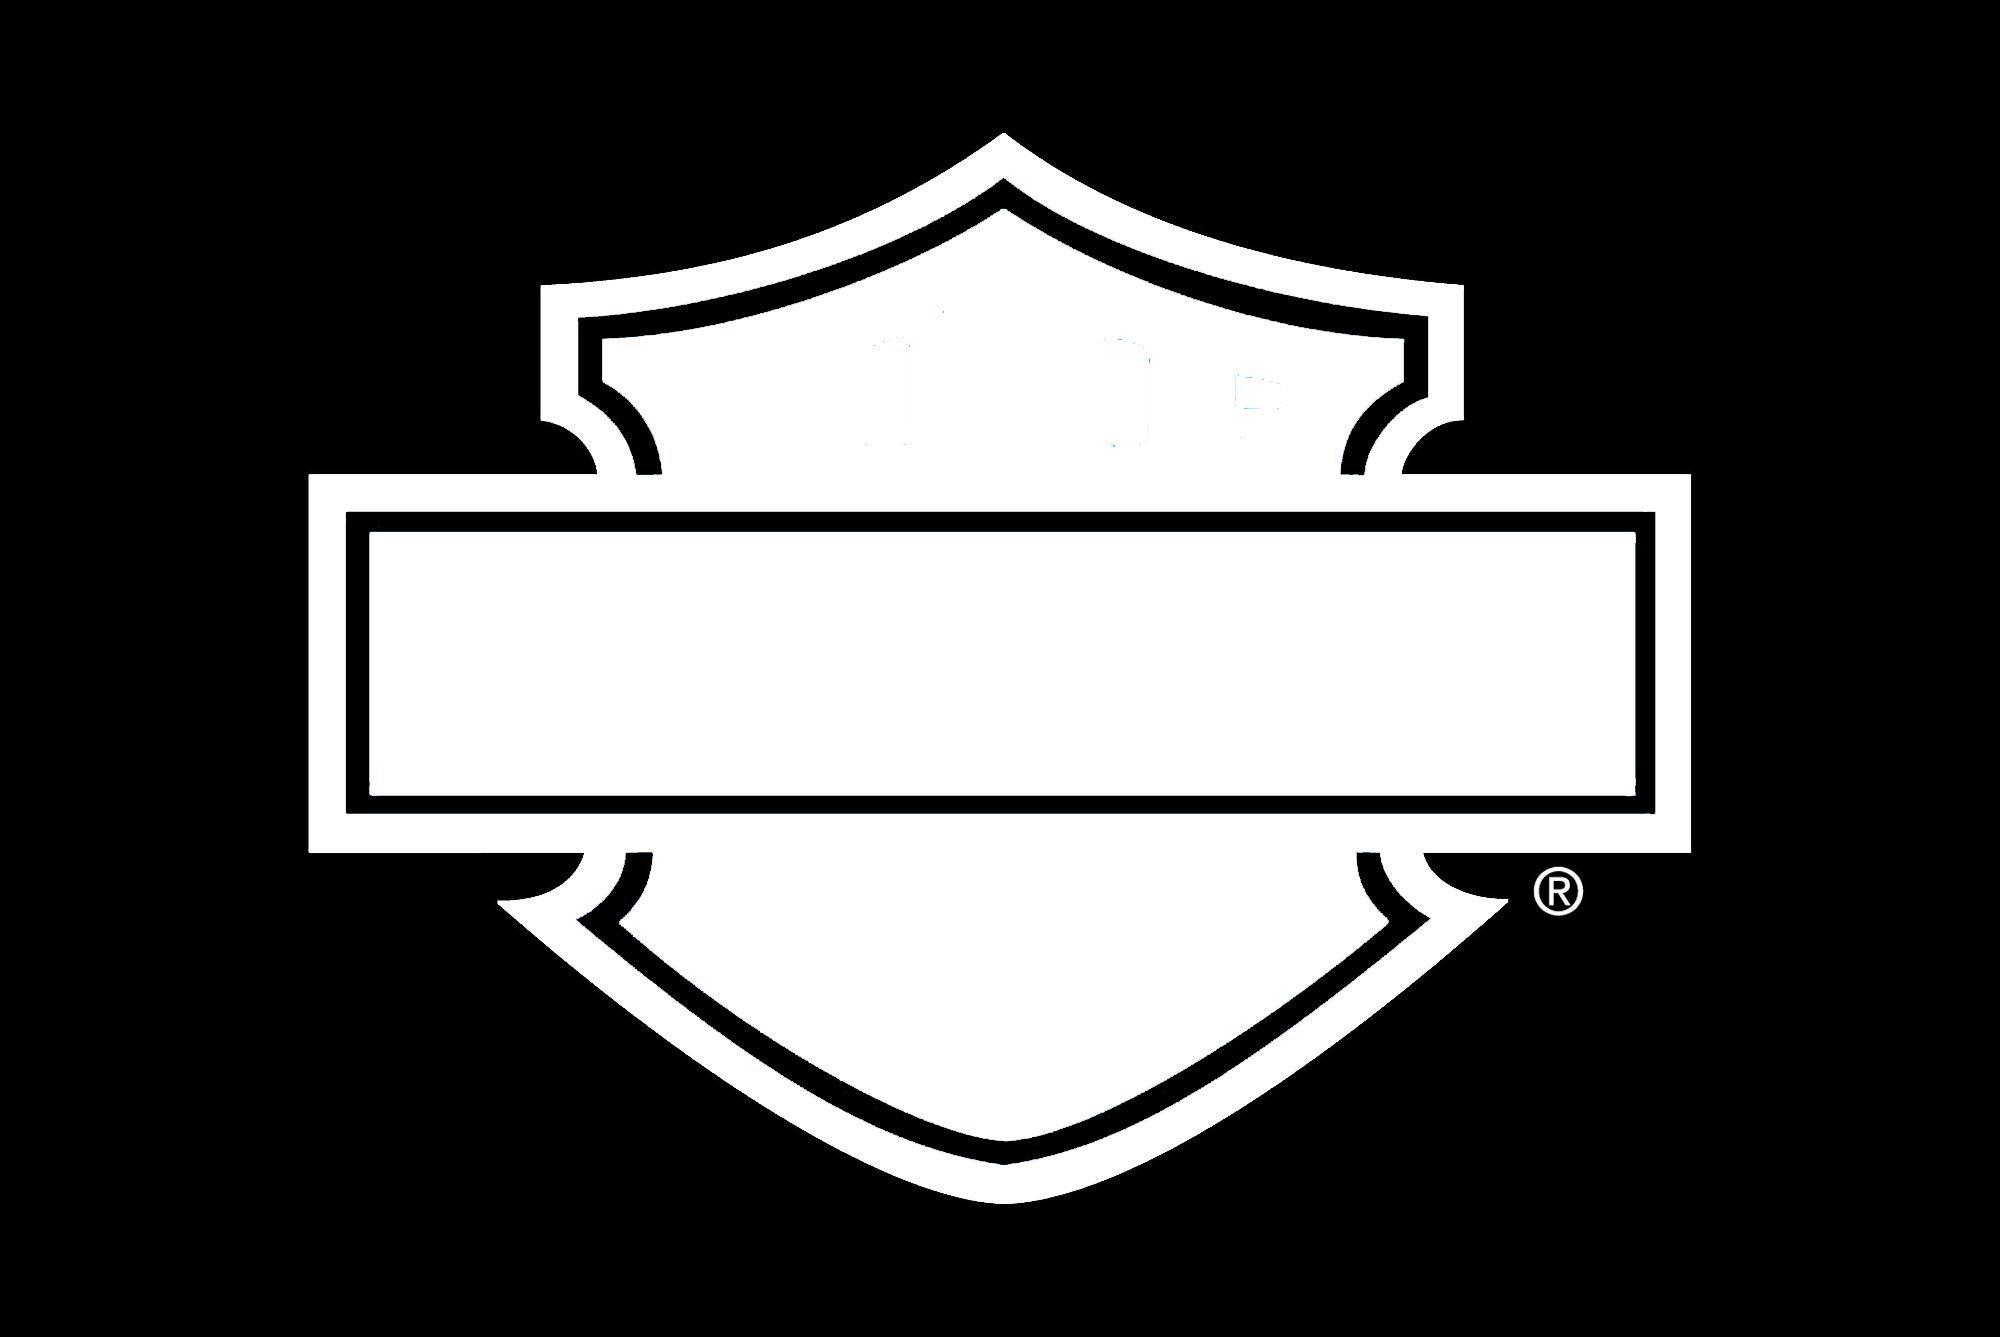 harley davidson will close its kansas city plant asphalt rubber rh asphaltandrubber com harley davidson logo outline stencil harley davidson logo outline images